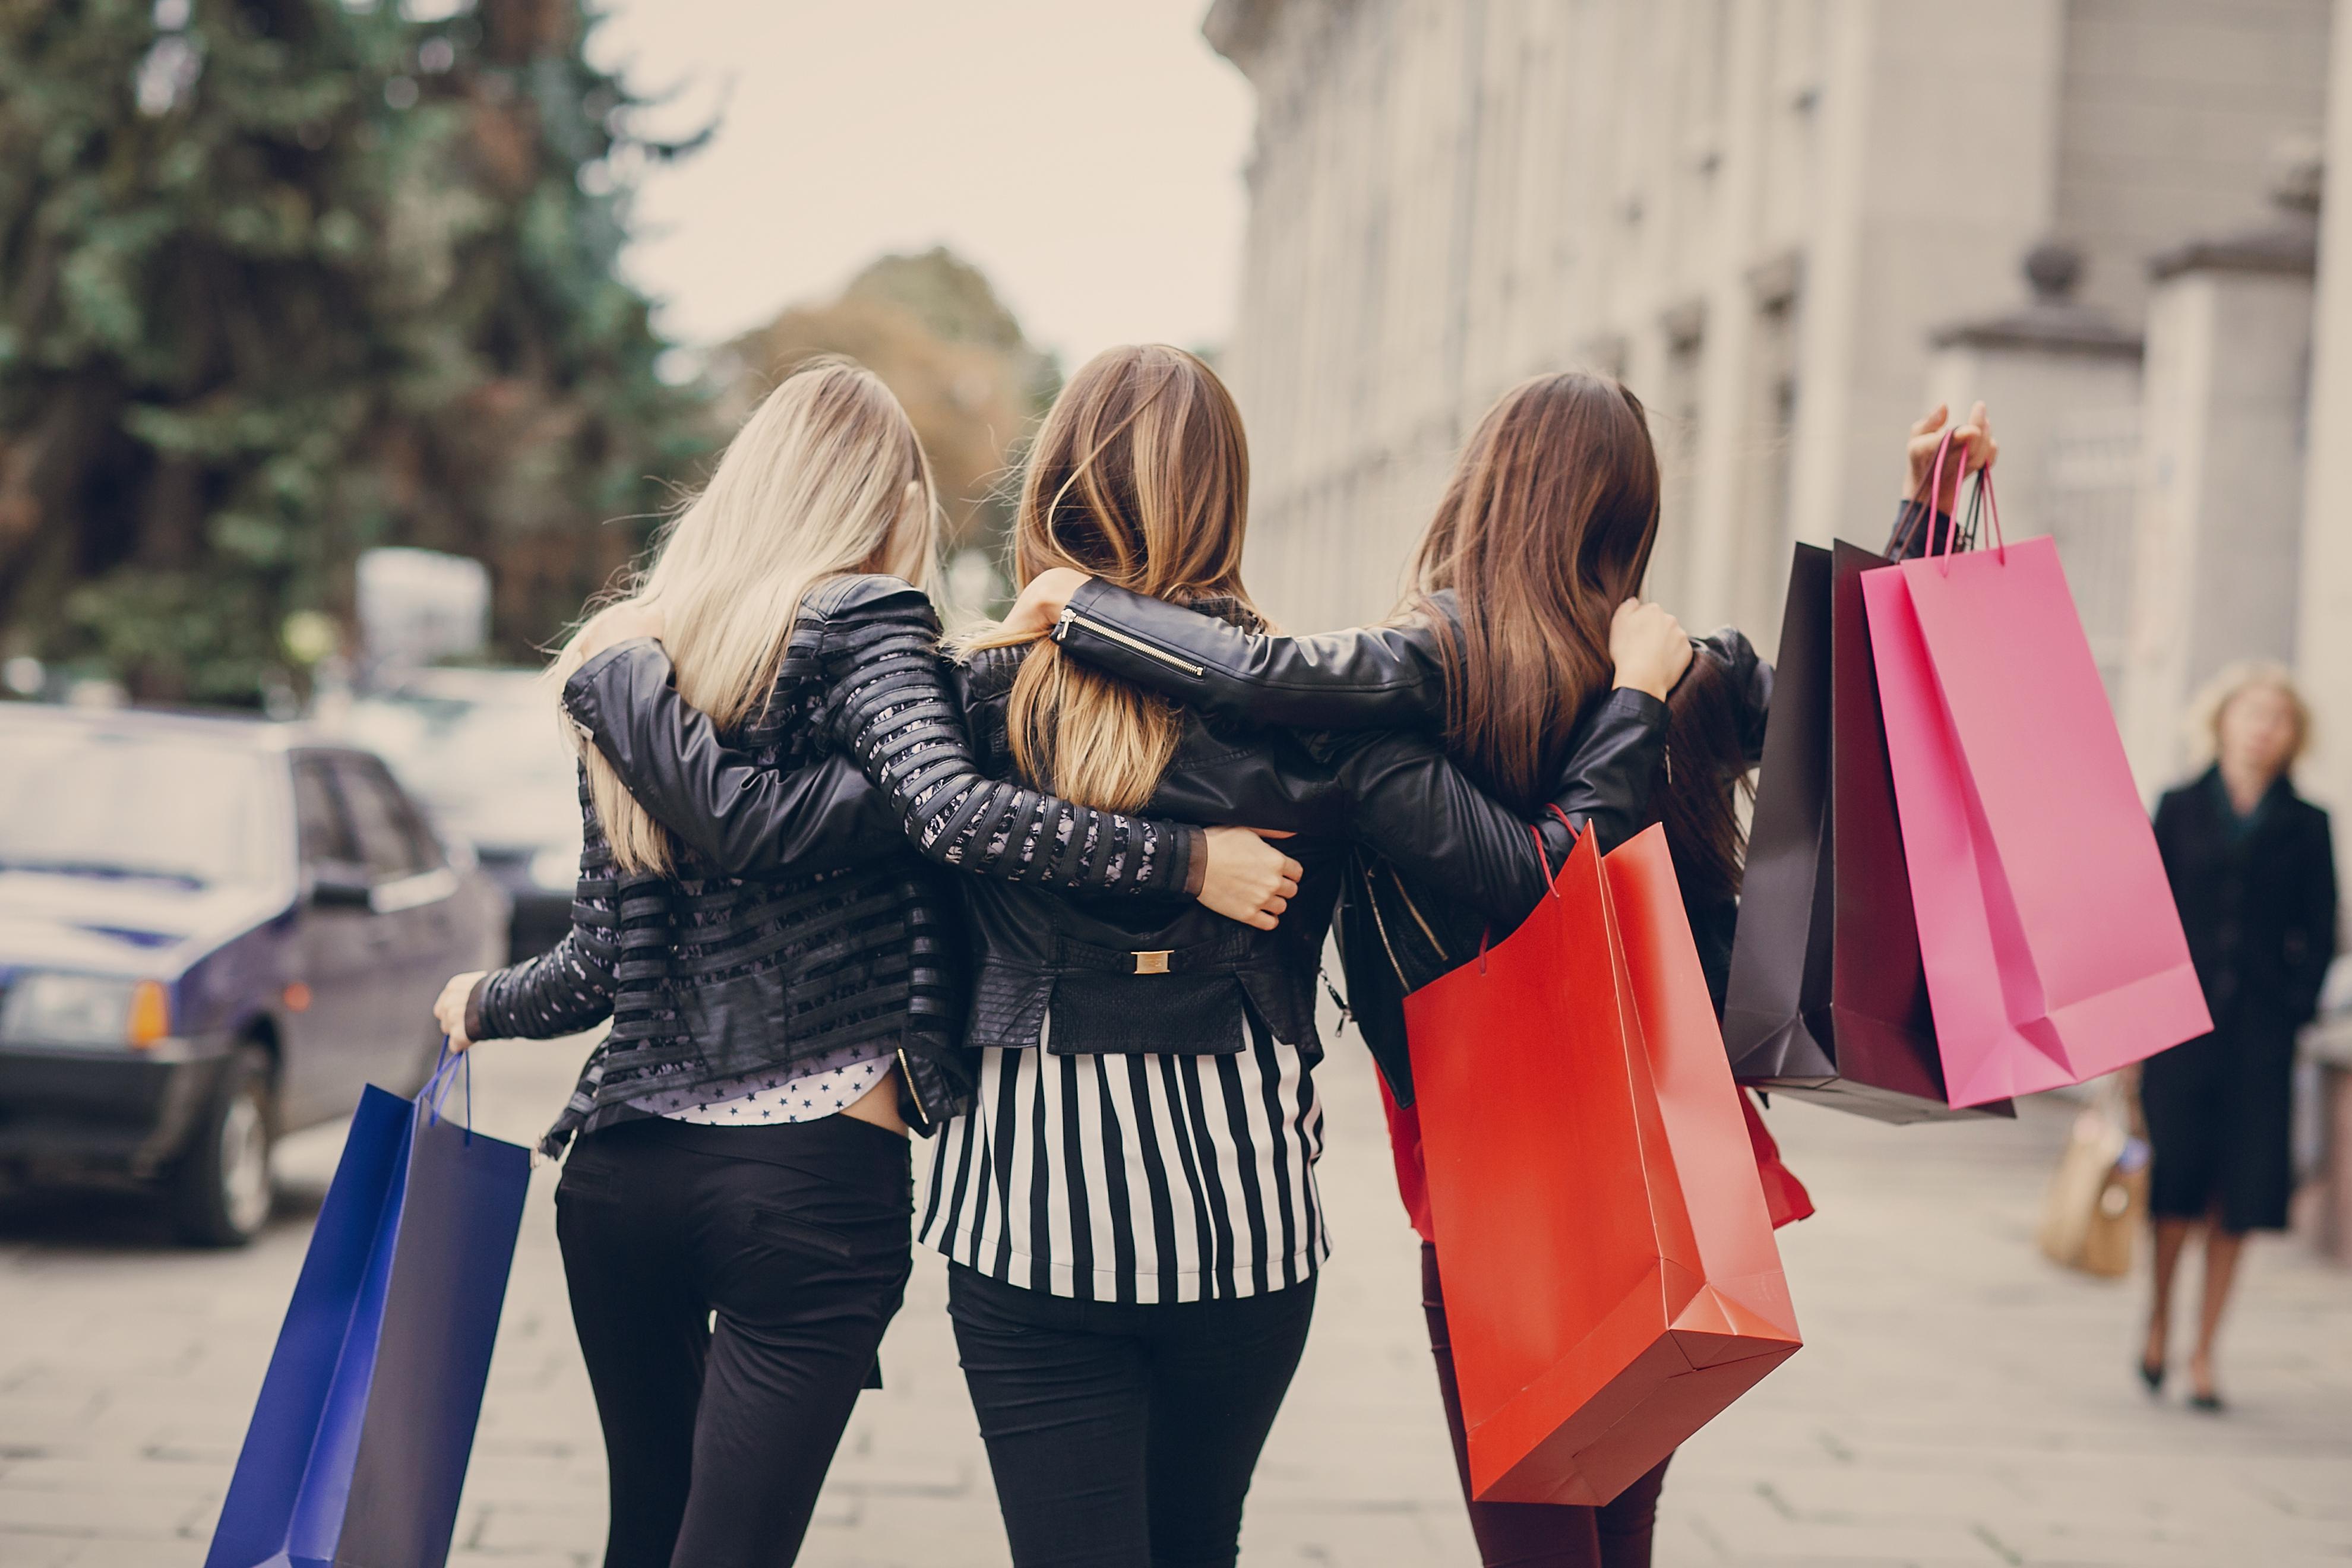 Women walking with shopping bags.